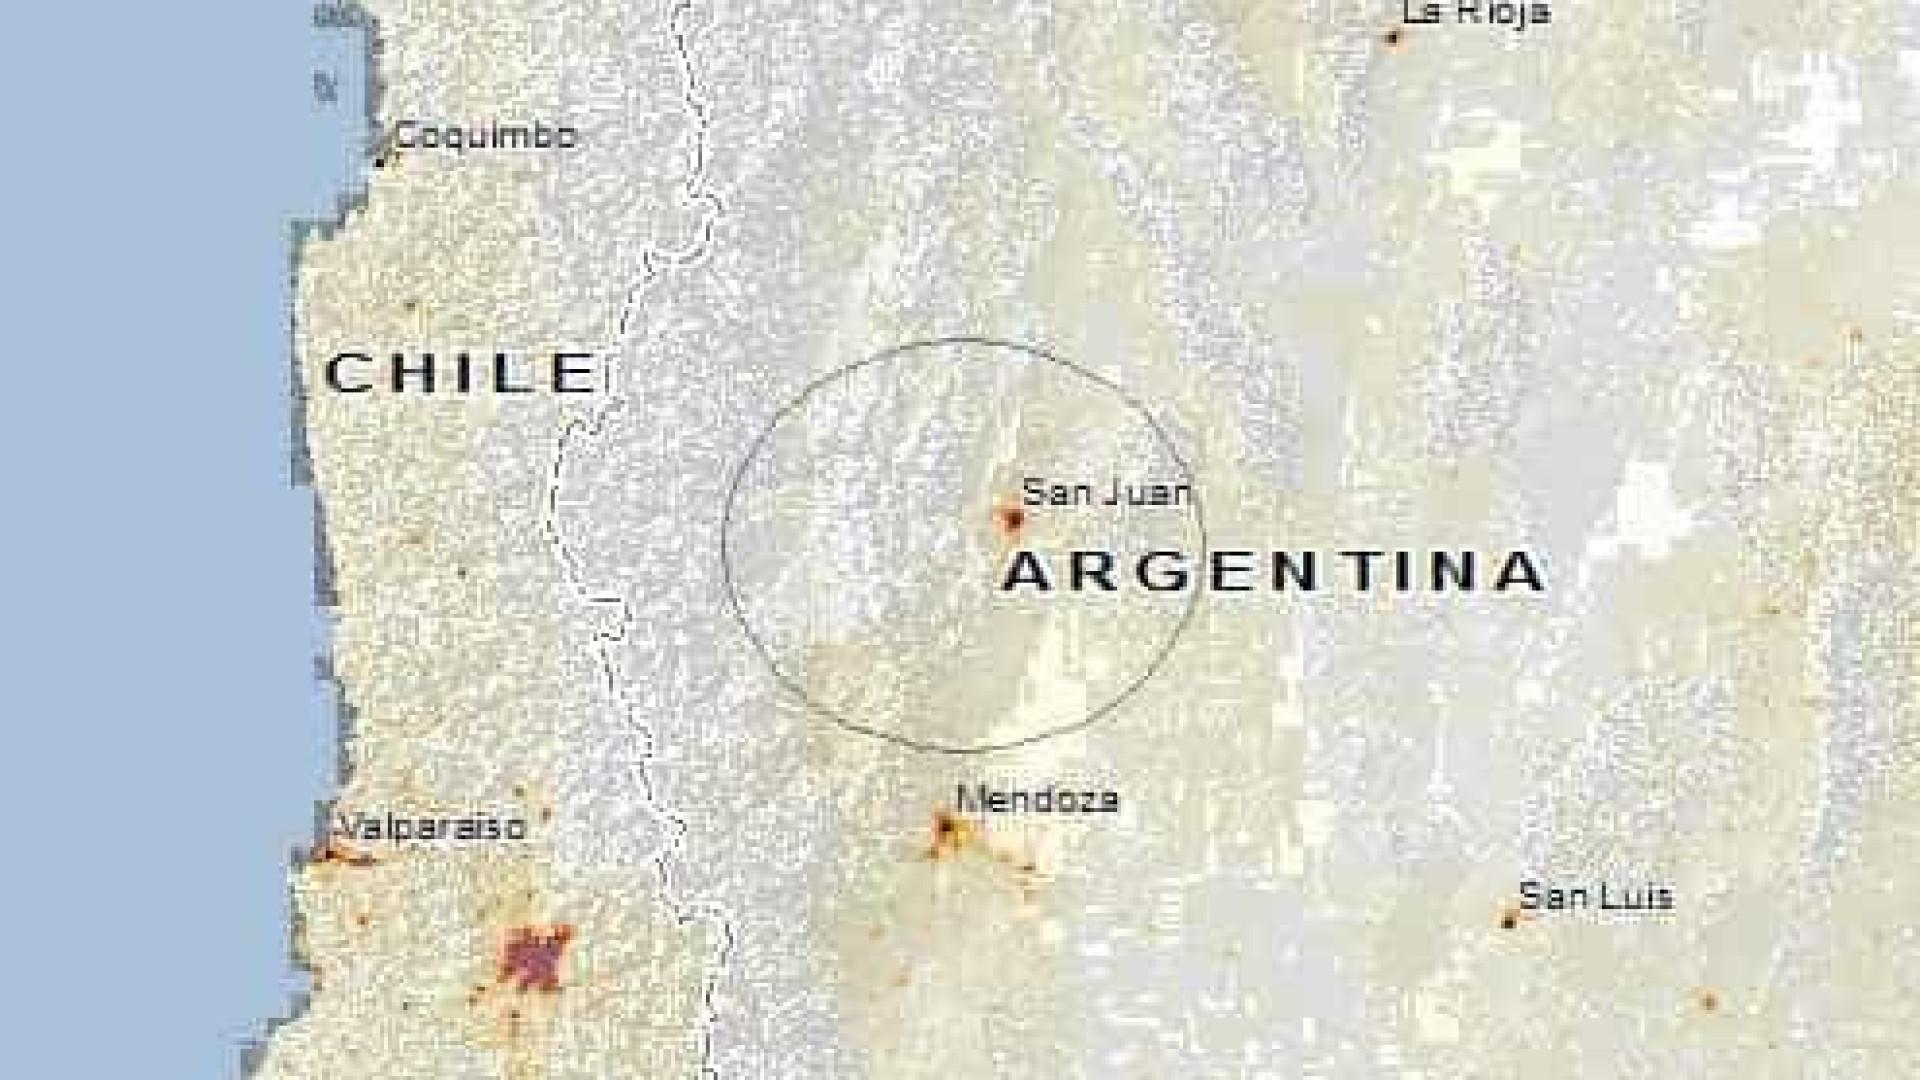 Terremoto de 6.4 graus atinge fronteira da Argentina com o Chile